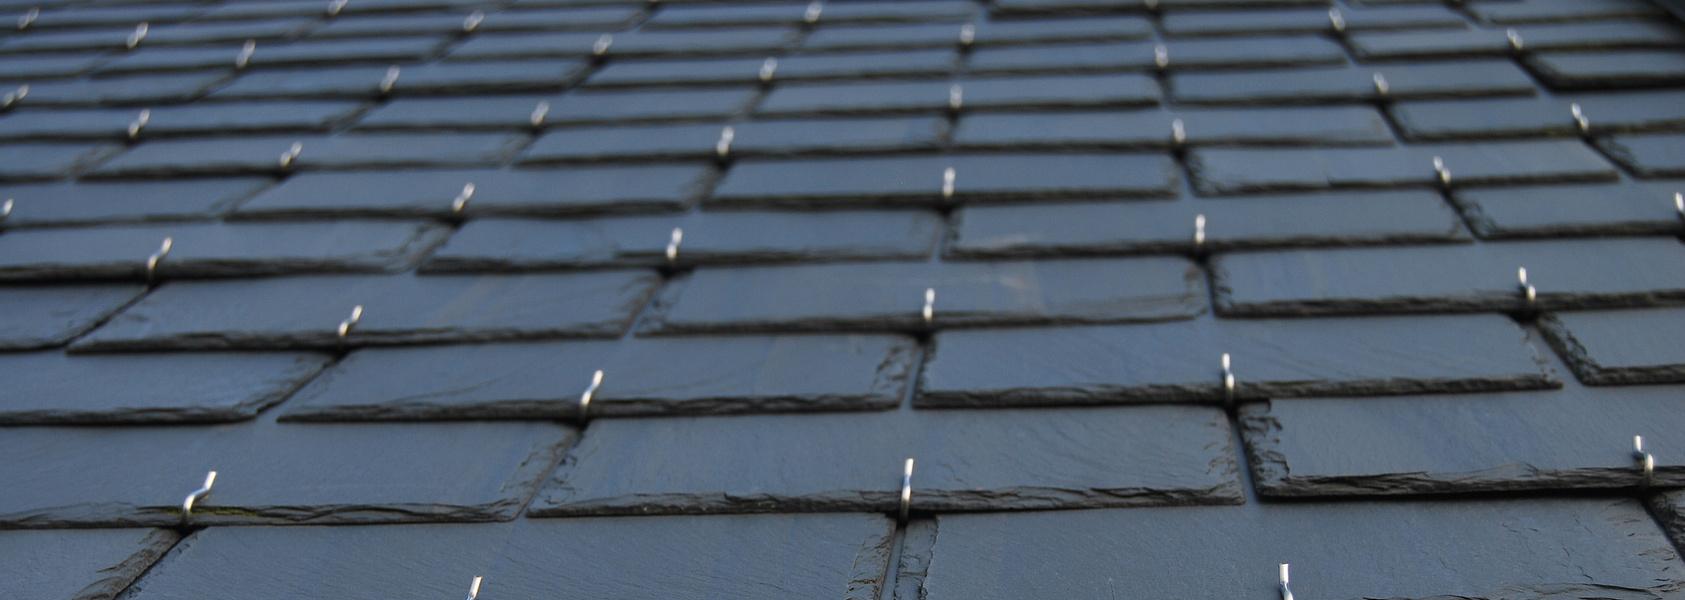 Toiture ardoise prix moyen au m2 avantages et inconv nients for Prix toiture ardoise naturelle m2